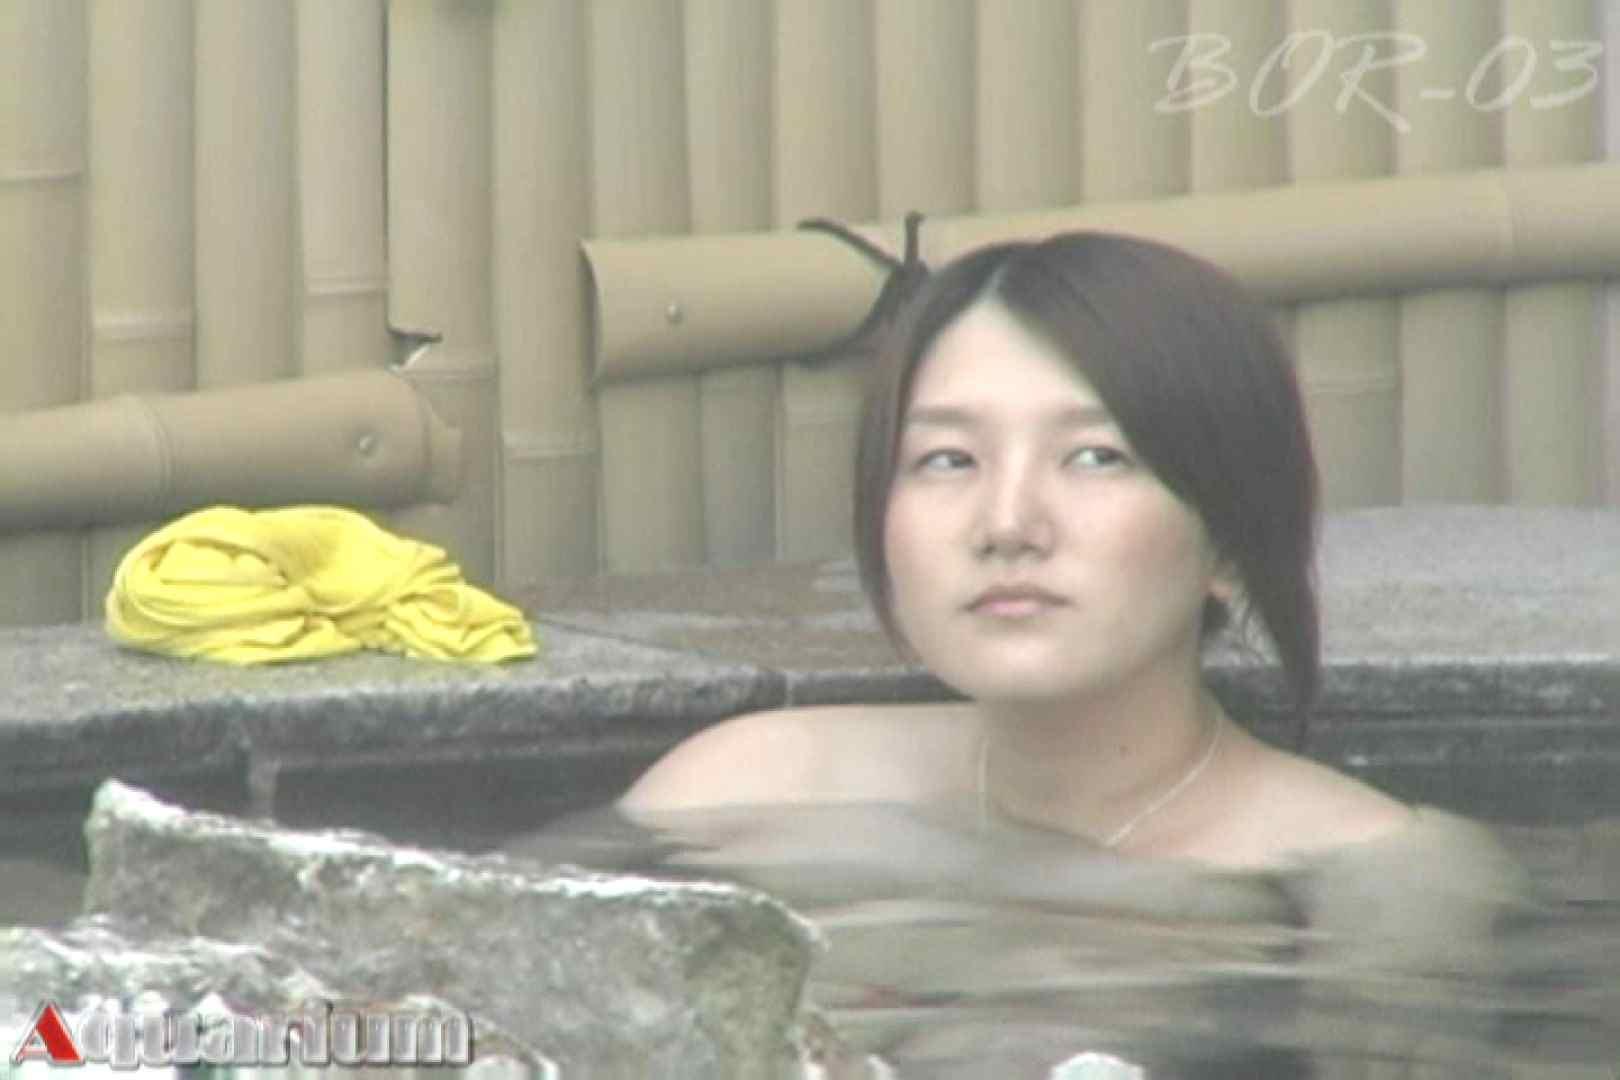 Aquaな露天風呂Vol.487 OLのエロ生活  95連発 54